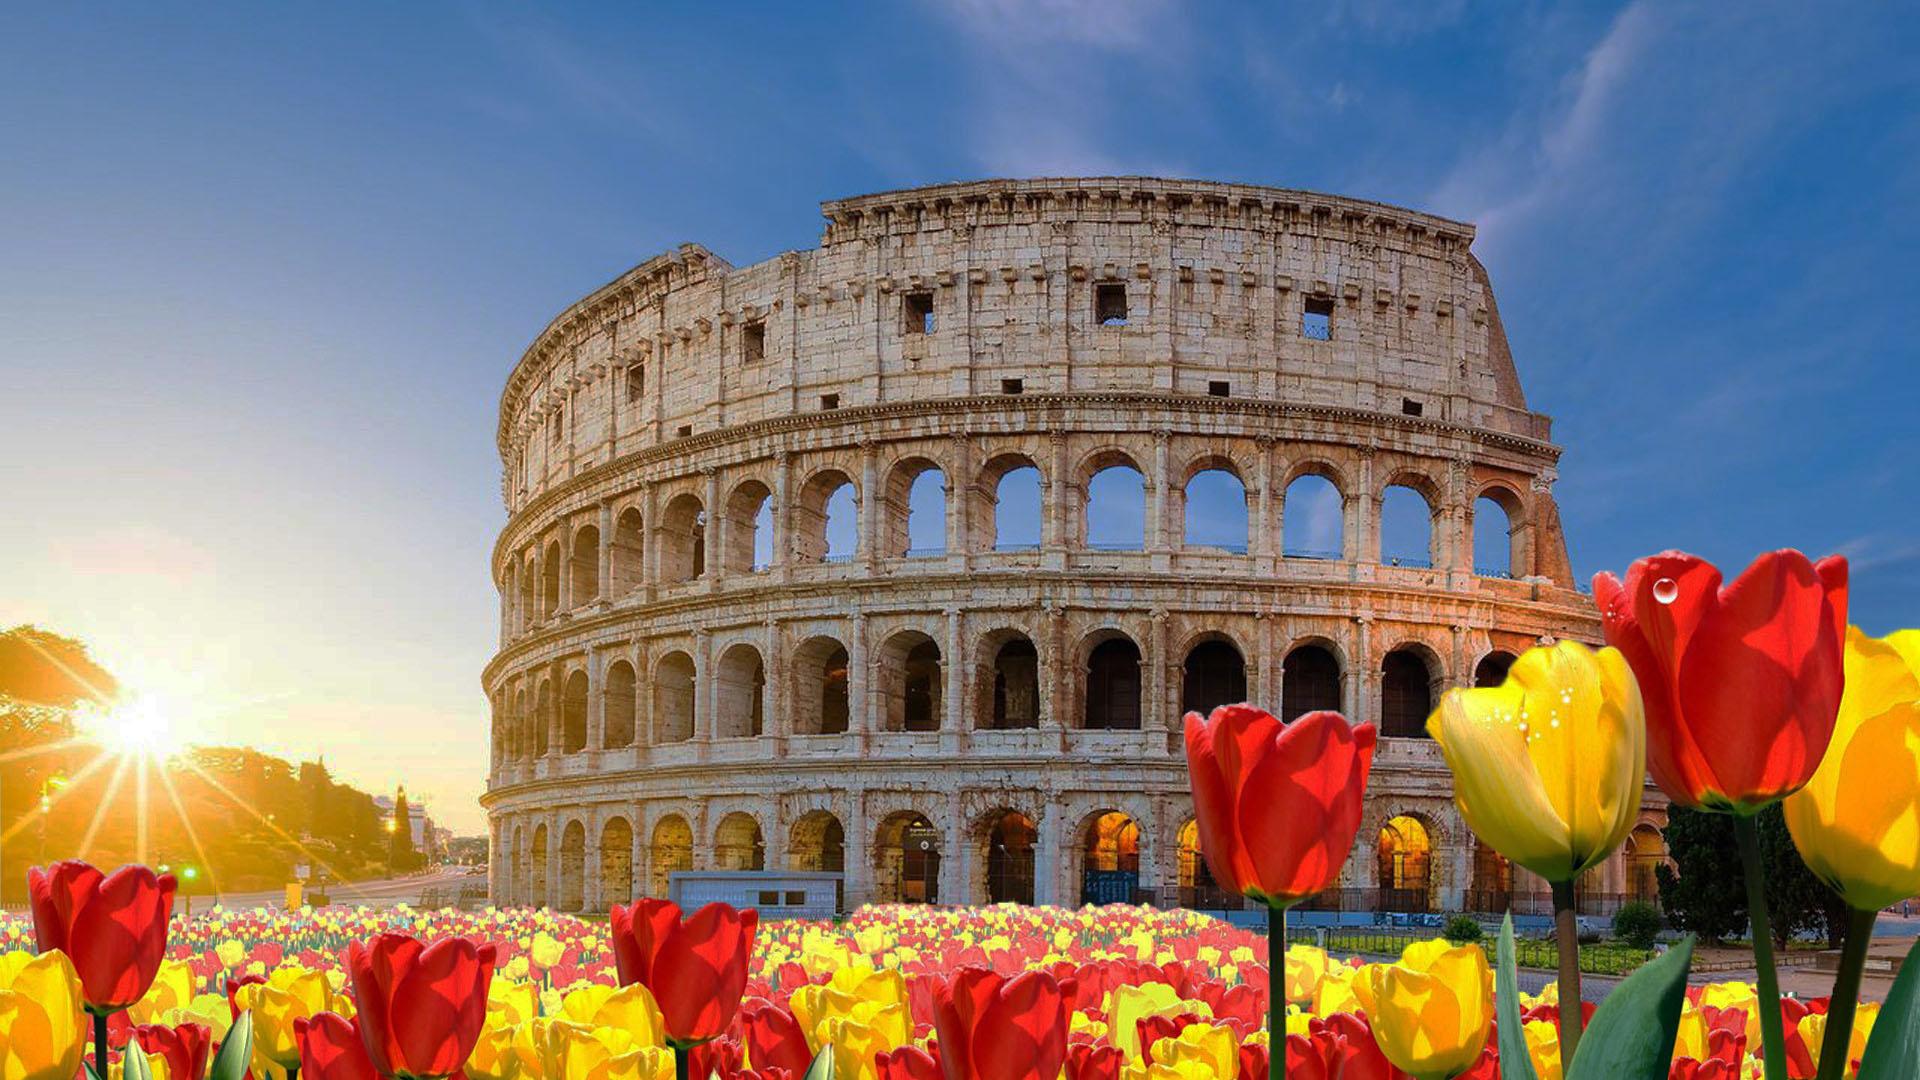 Tulipark di roma devastato dai vandali lo sfogo dei for Affitto roma porta di roma